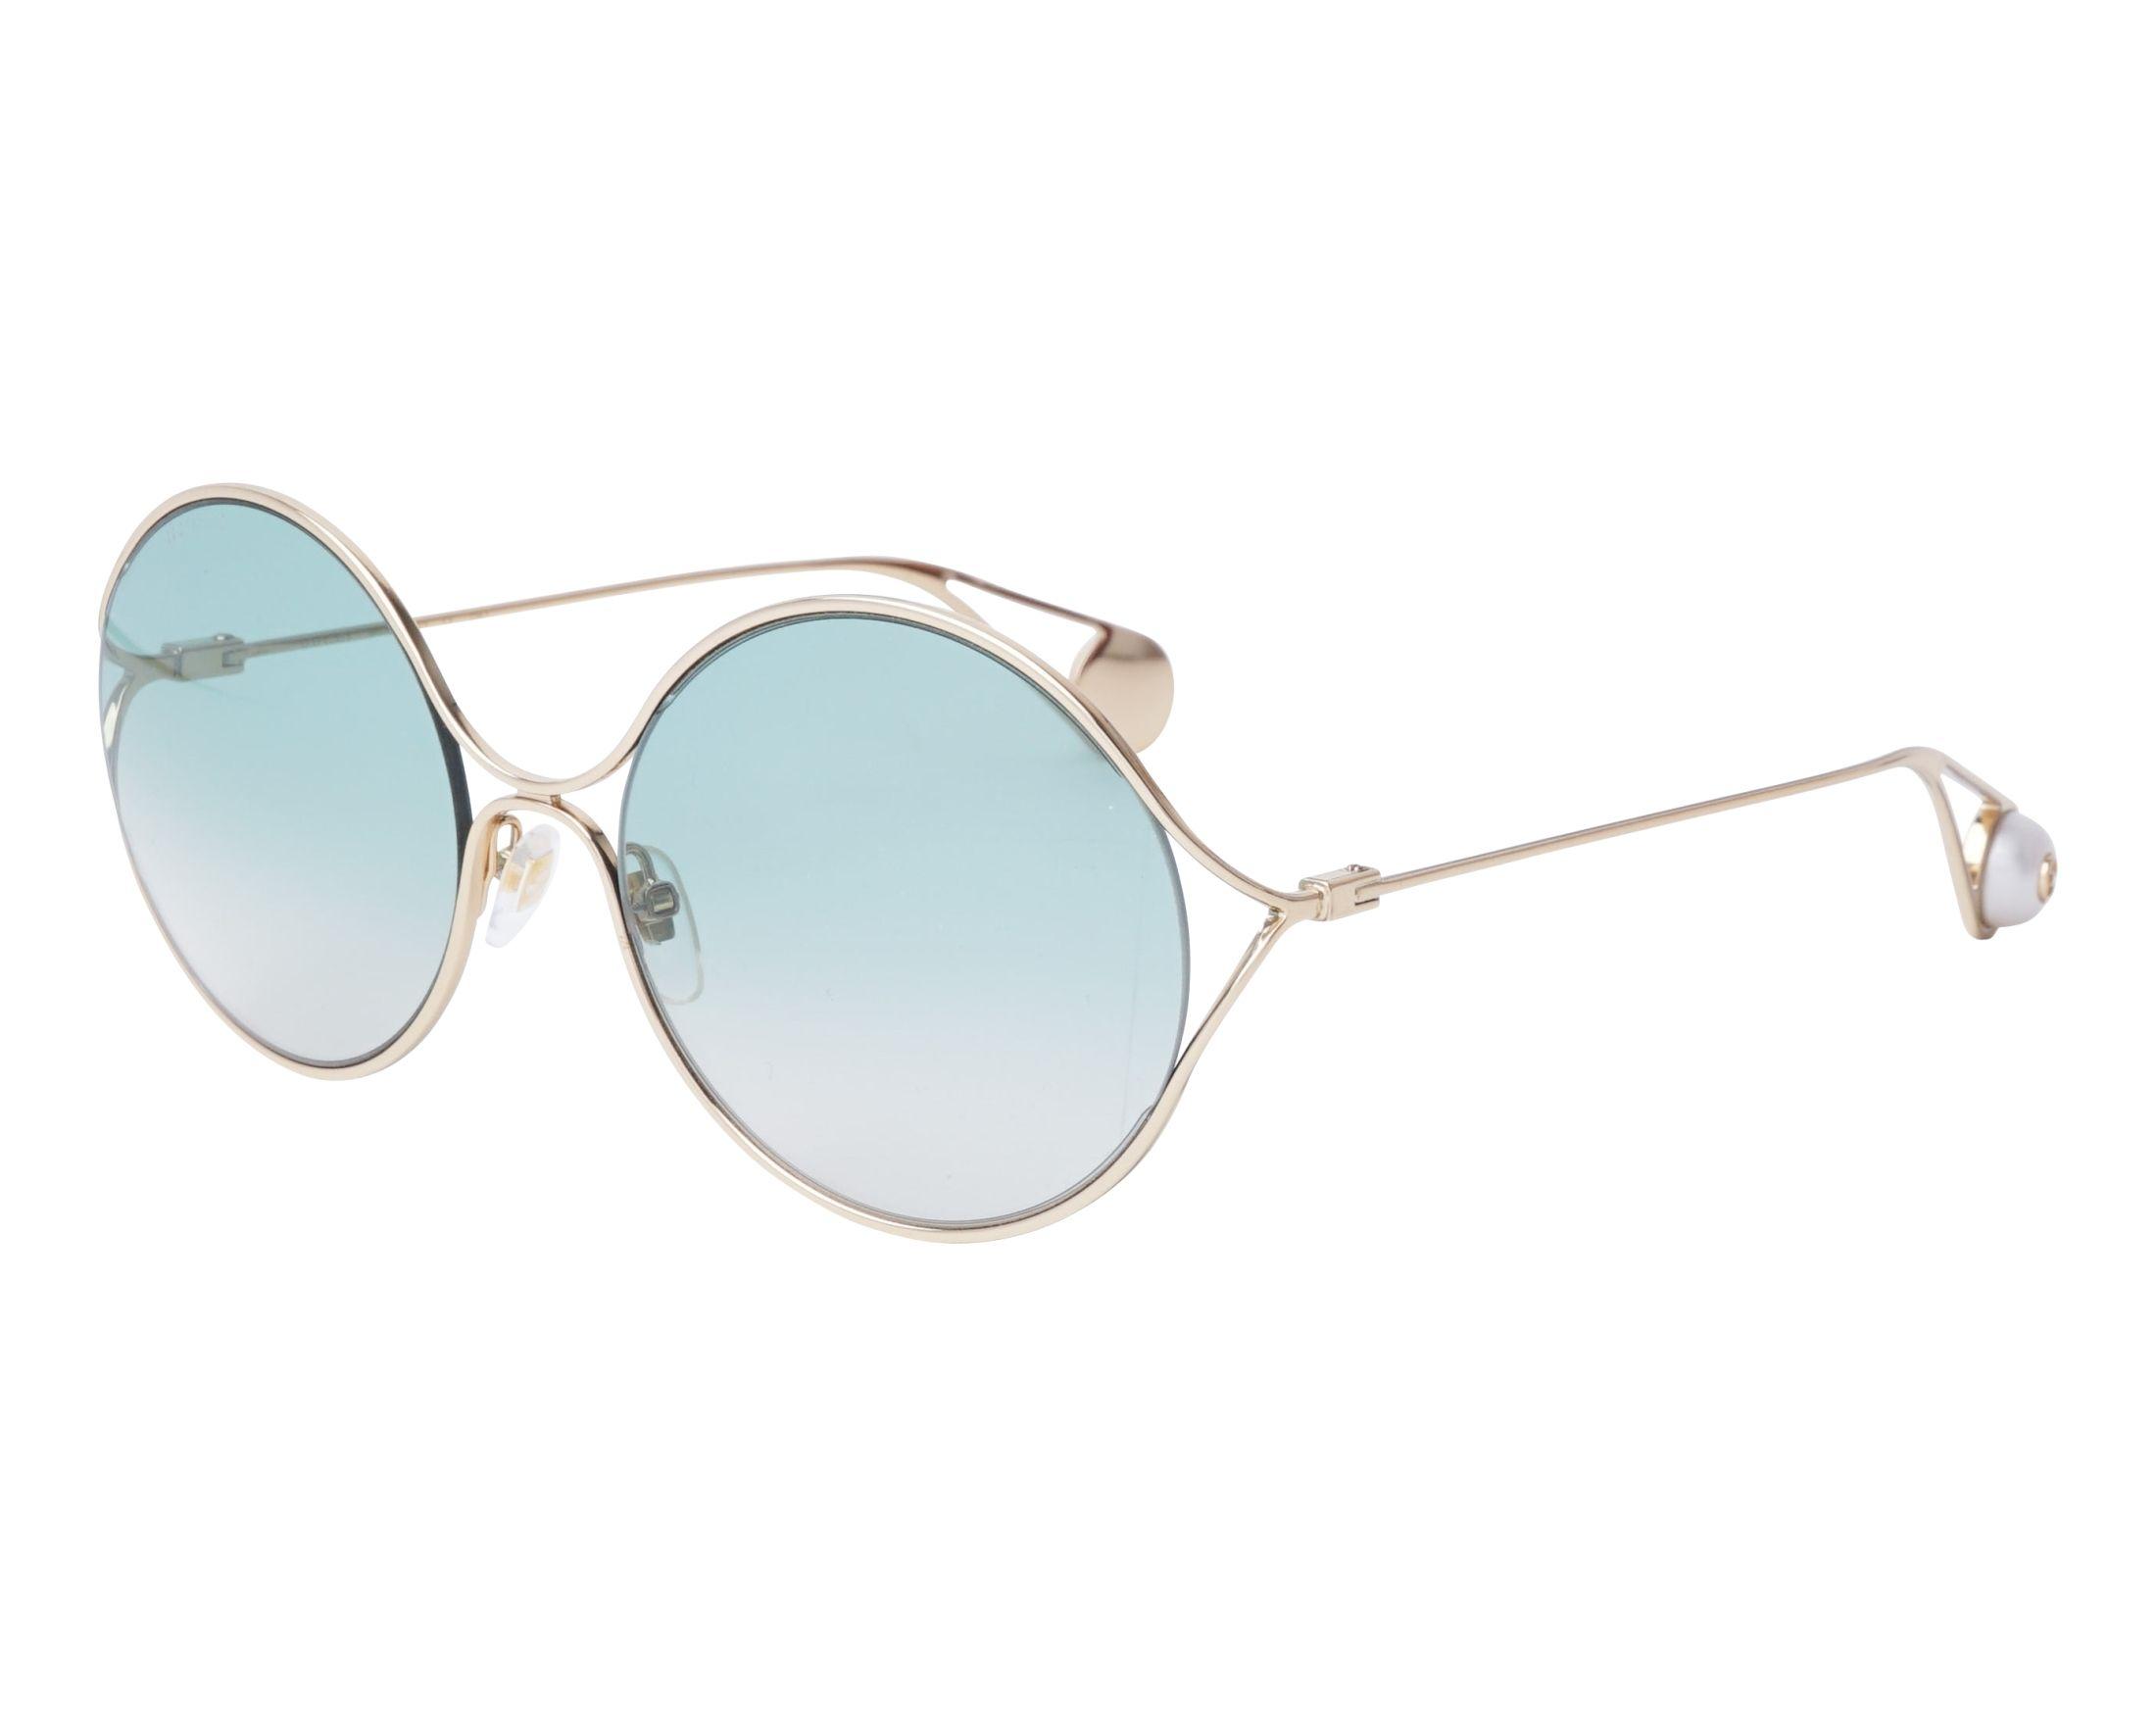 Sunglasses Gucci GG-0253-S 004 58-20 Gold profile view c7fa47c209